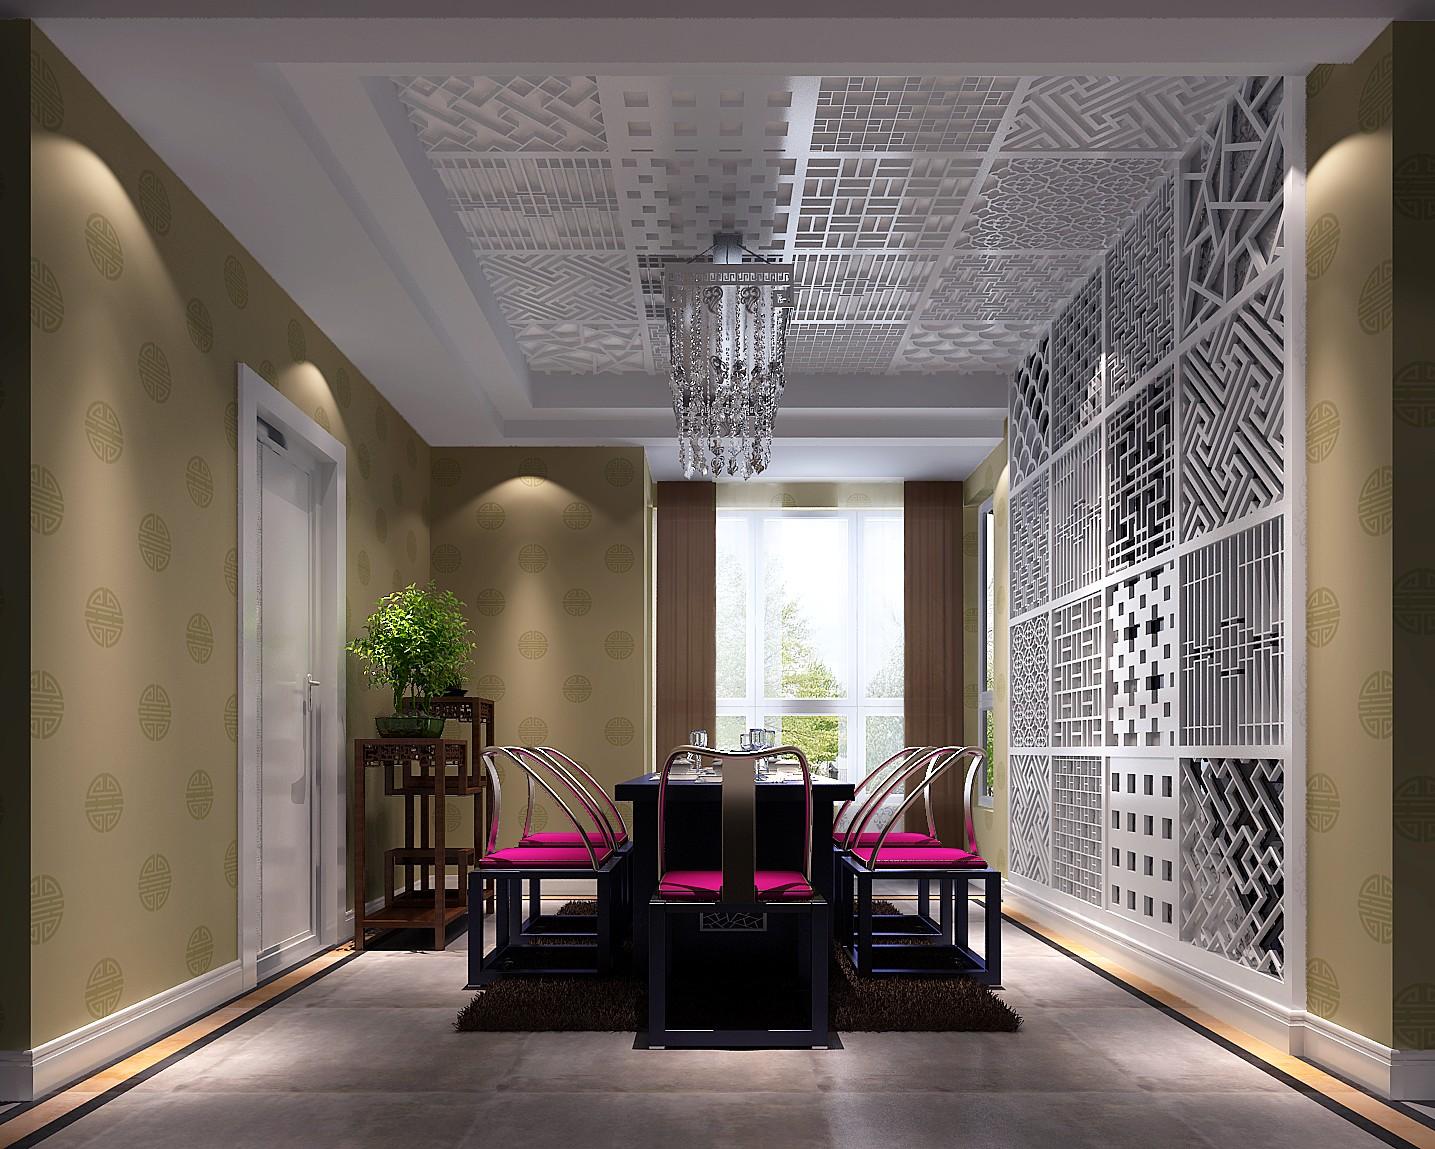 简约 混搭 三居 白领 80后 白富美 高富帅 时尚 婚房 餐厅图片来自北京高度国际装饰设计在中泰混搭140平极品三居的分享